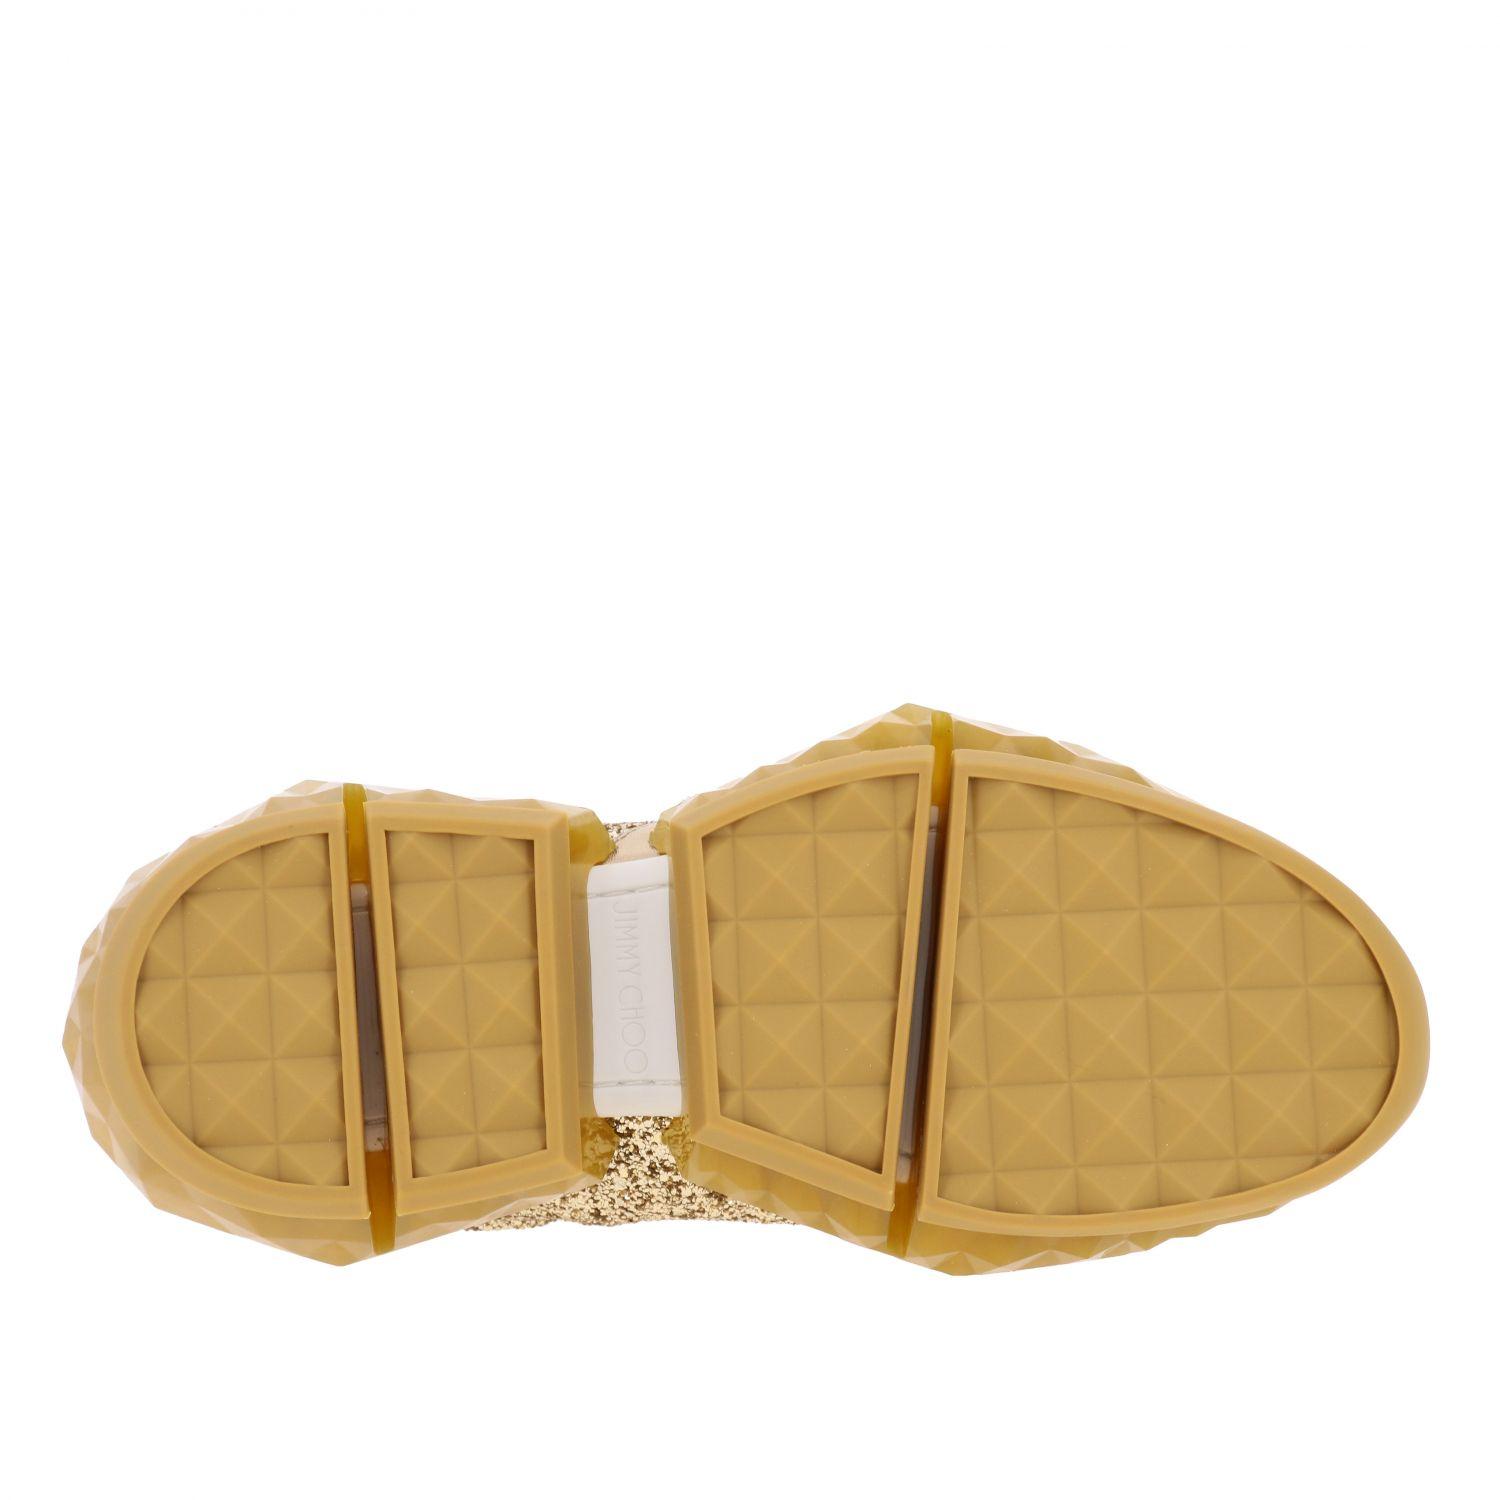 Спортивная обувь Jimmy Choo: Спортивная обувь Женское Jimmy Choo золотой 6